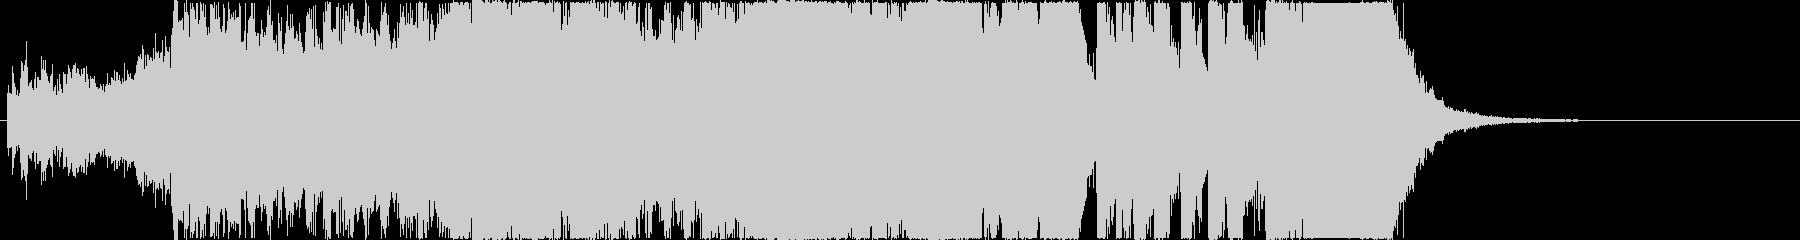 イベントオープニングジングル2の未再生の波形